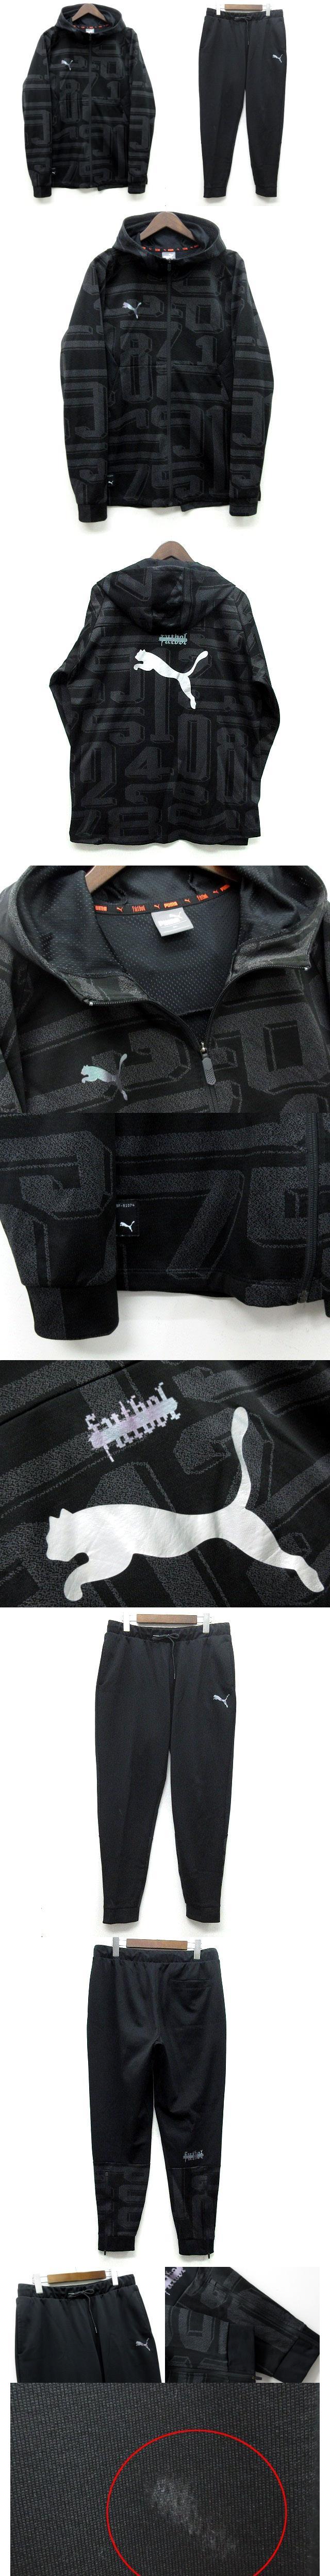 ジャージ 上下セットアップ メッシュ ジャケット パンツ 黒 ブラック XXL 大きいサイズ 656094 656095 2018秋冬 FTBLNXT サッカーウエア